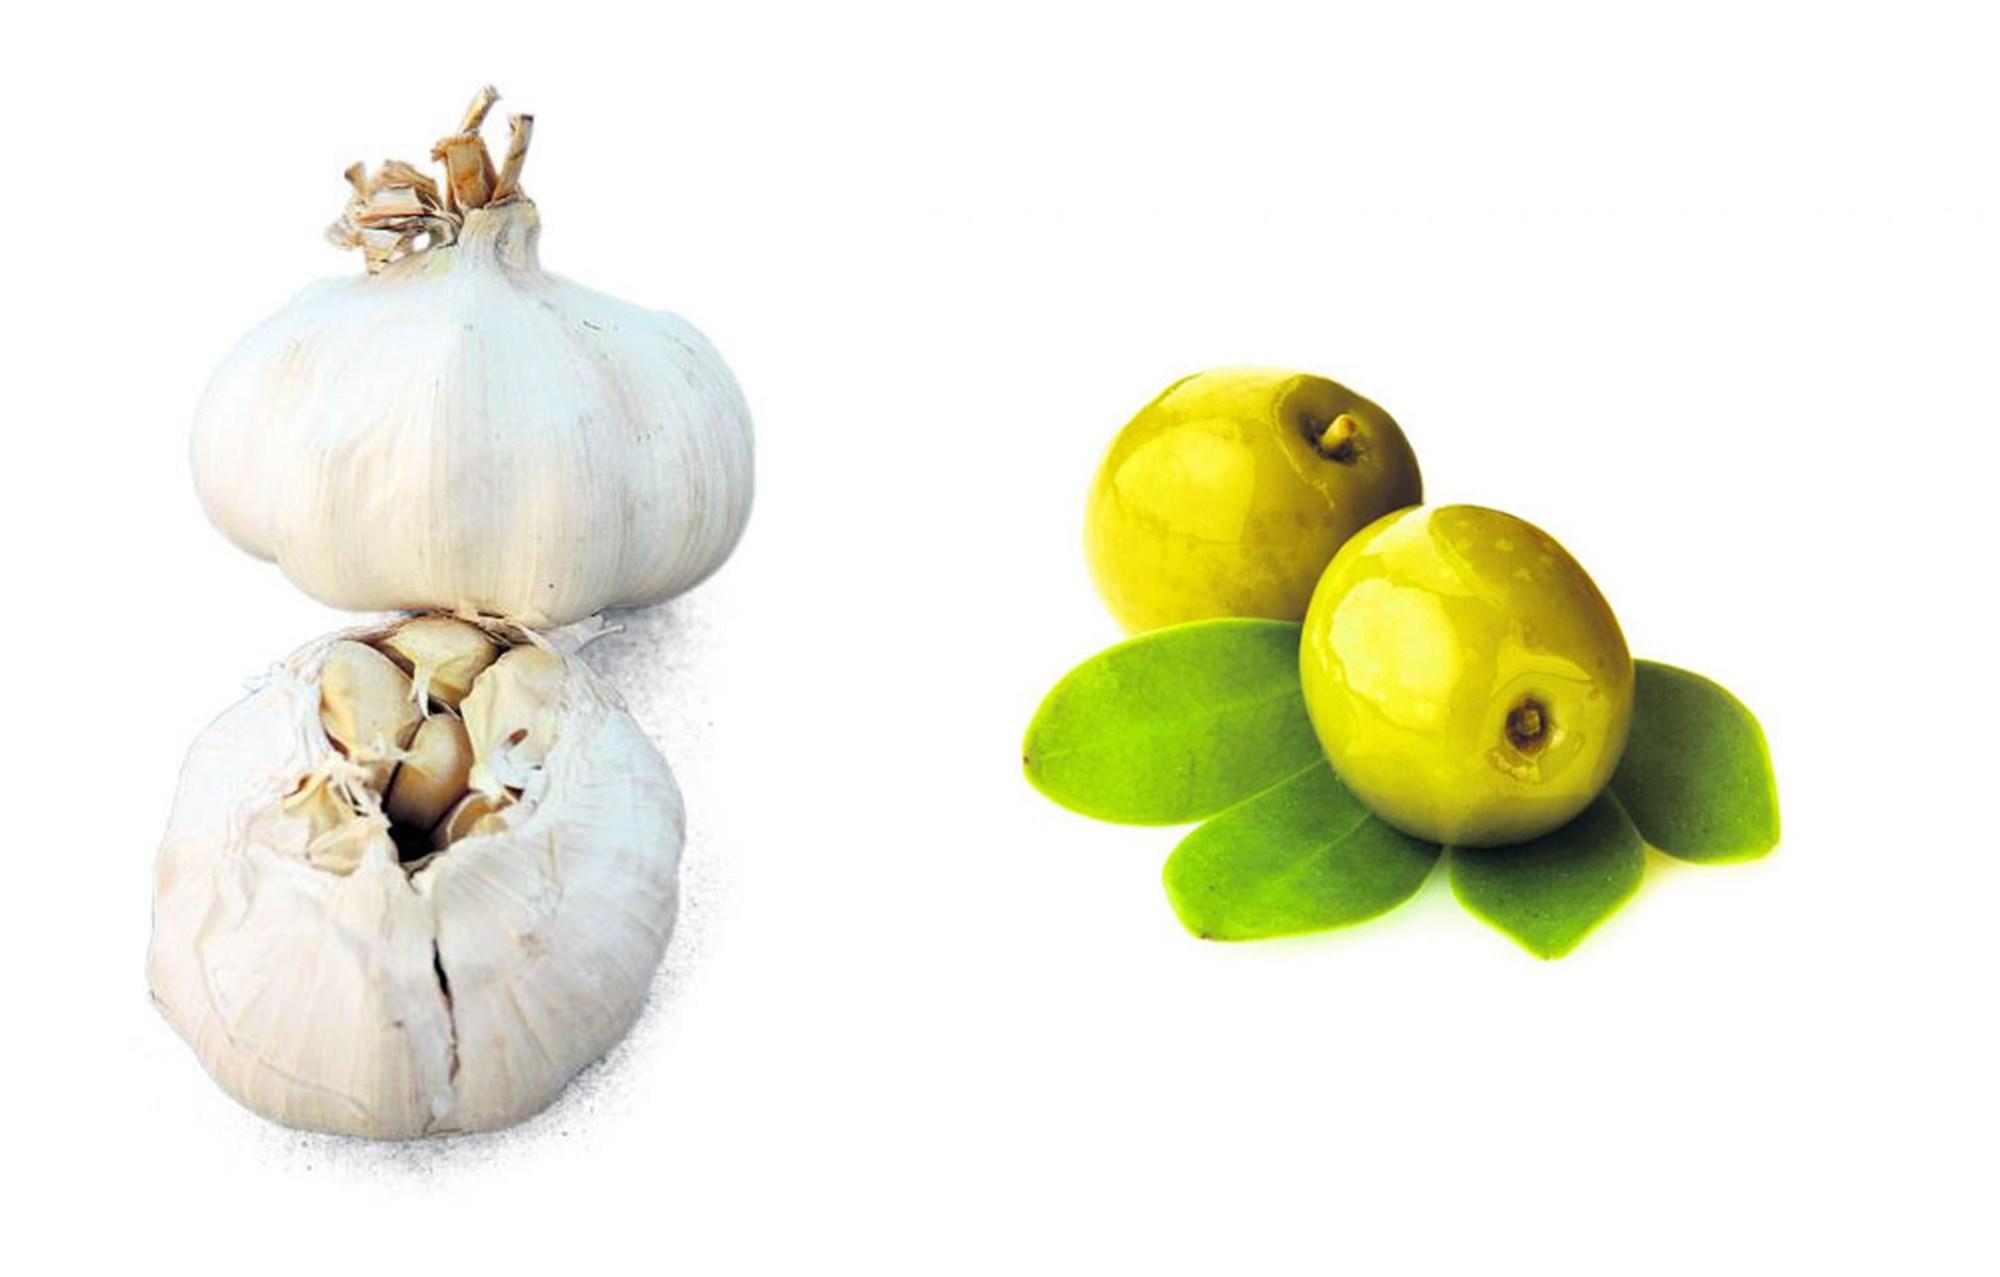 Unentdeckte Qualitäten von Knoblauch und Olive